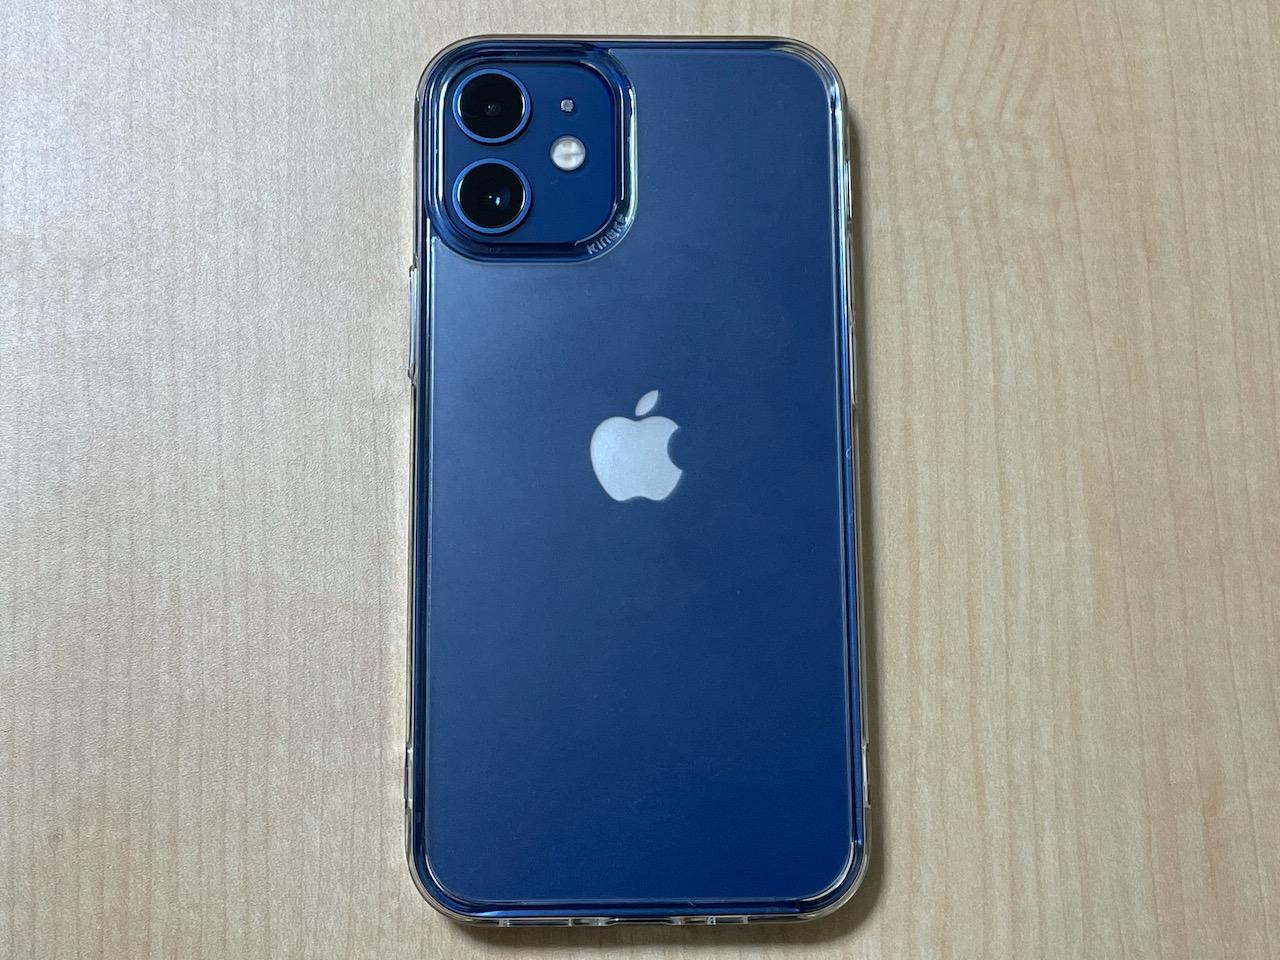 【Ringke】iPhone 12 mini ケース マット